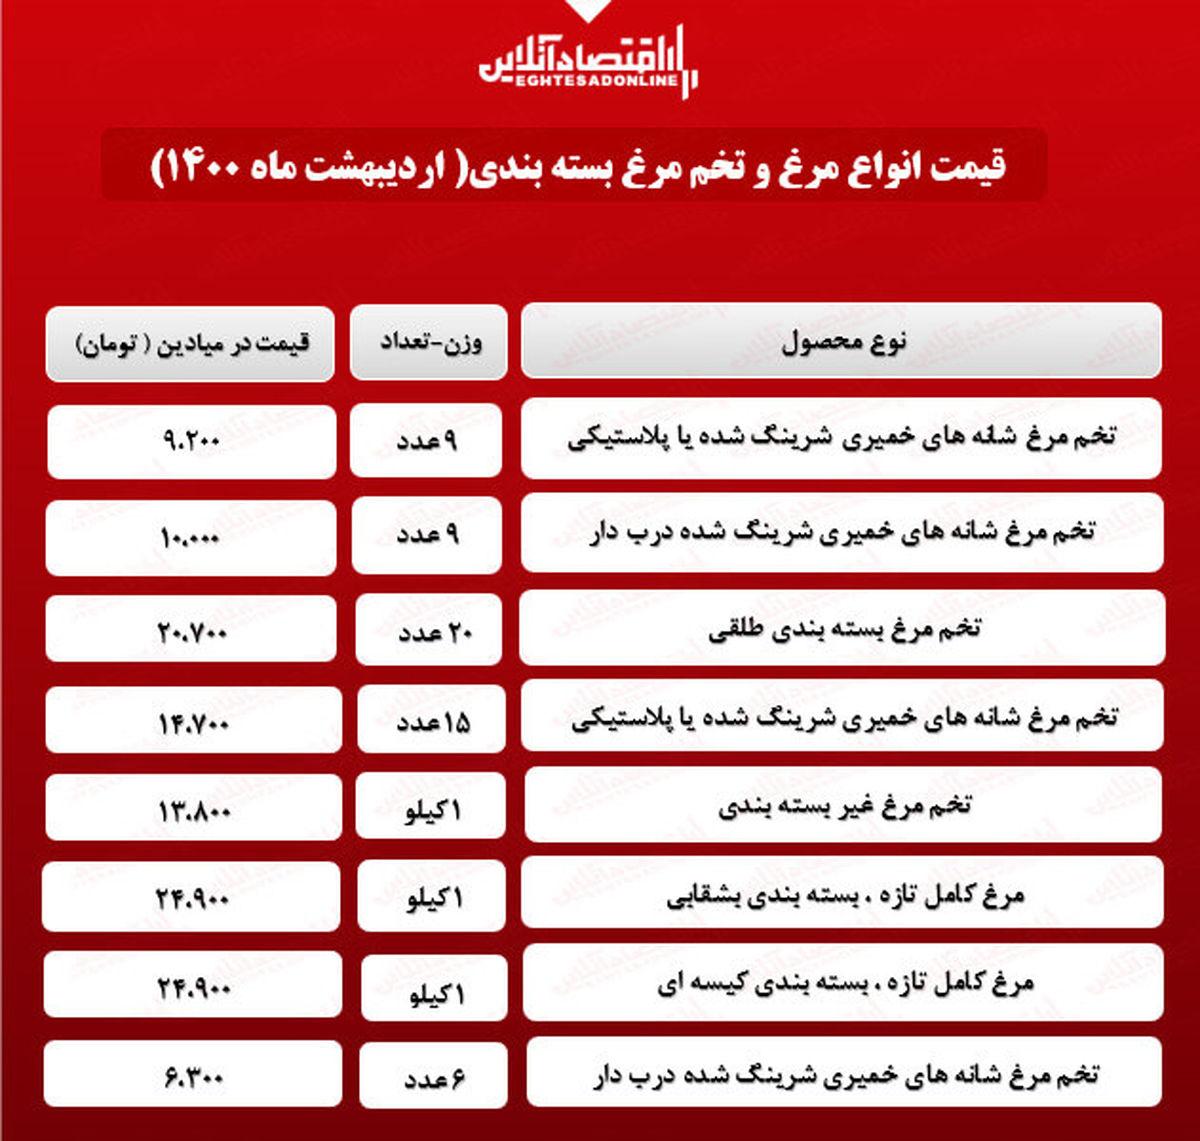 قیمت انواع تخم مرغ بسته بندی + جدول